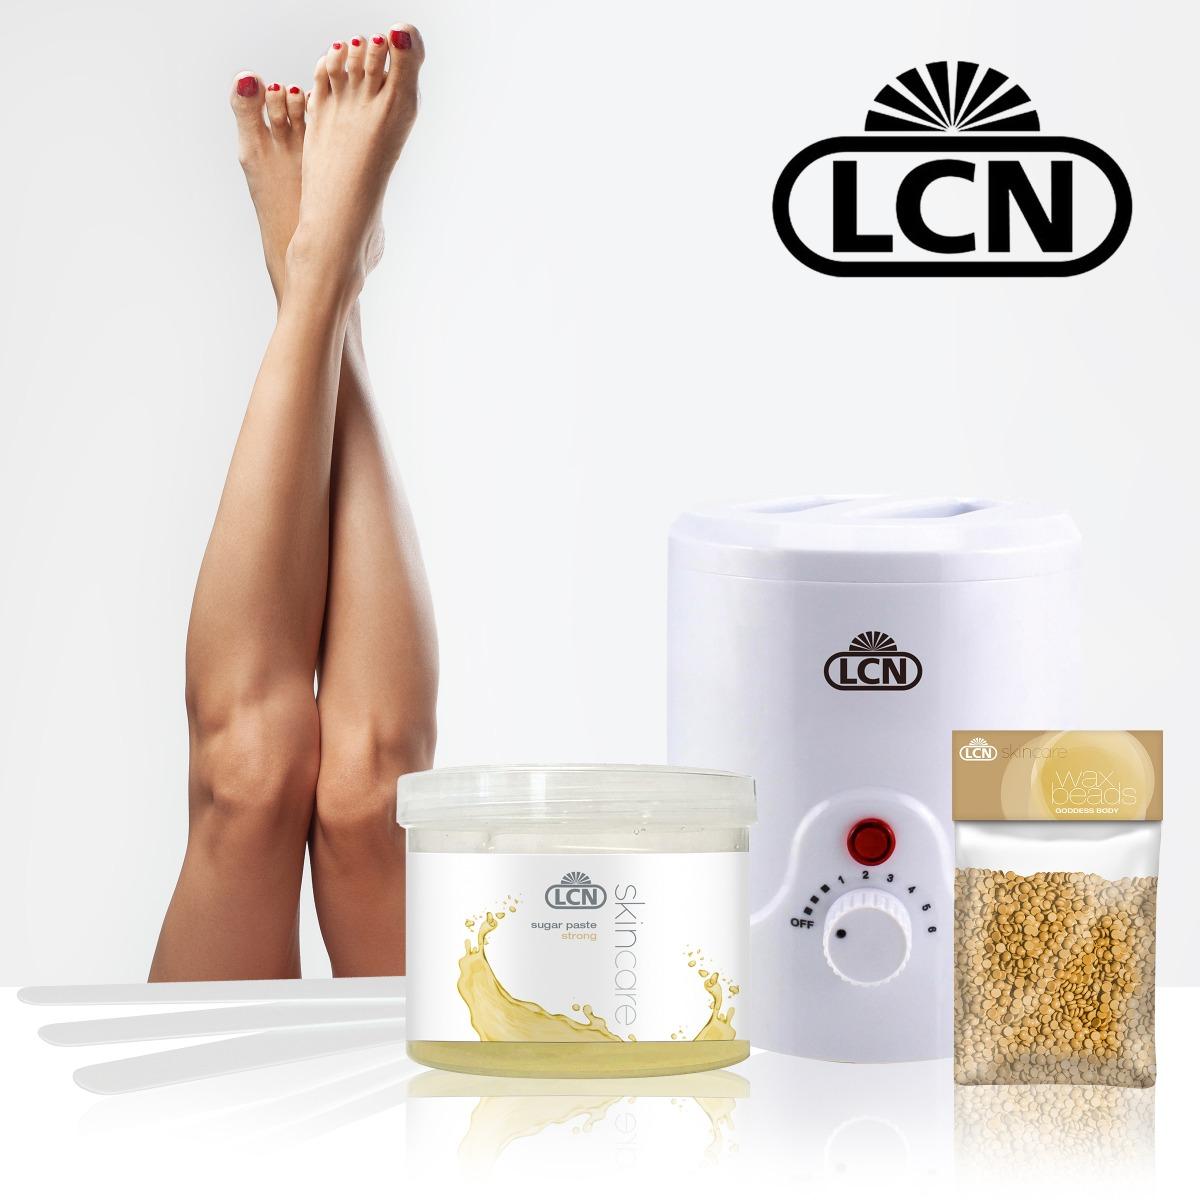 Entdecken Sie das Sortiment von LCN!